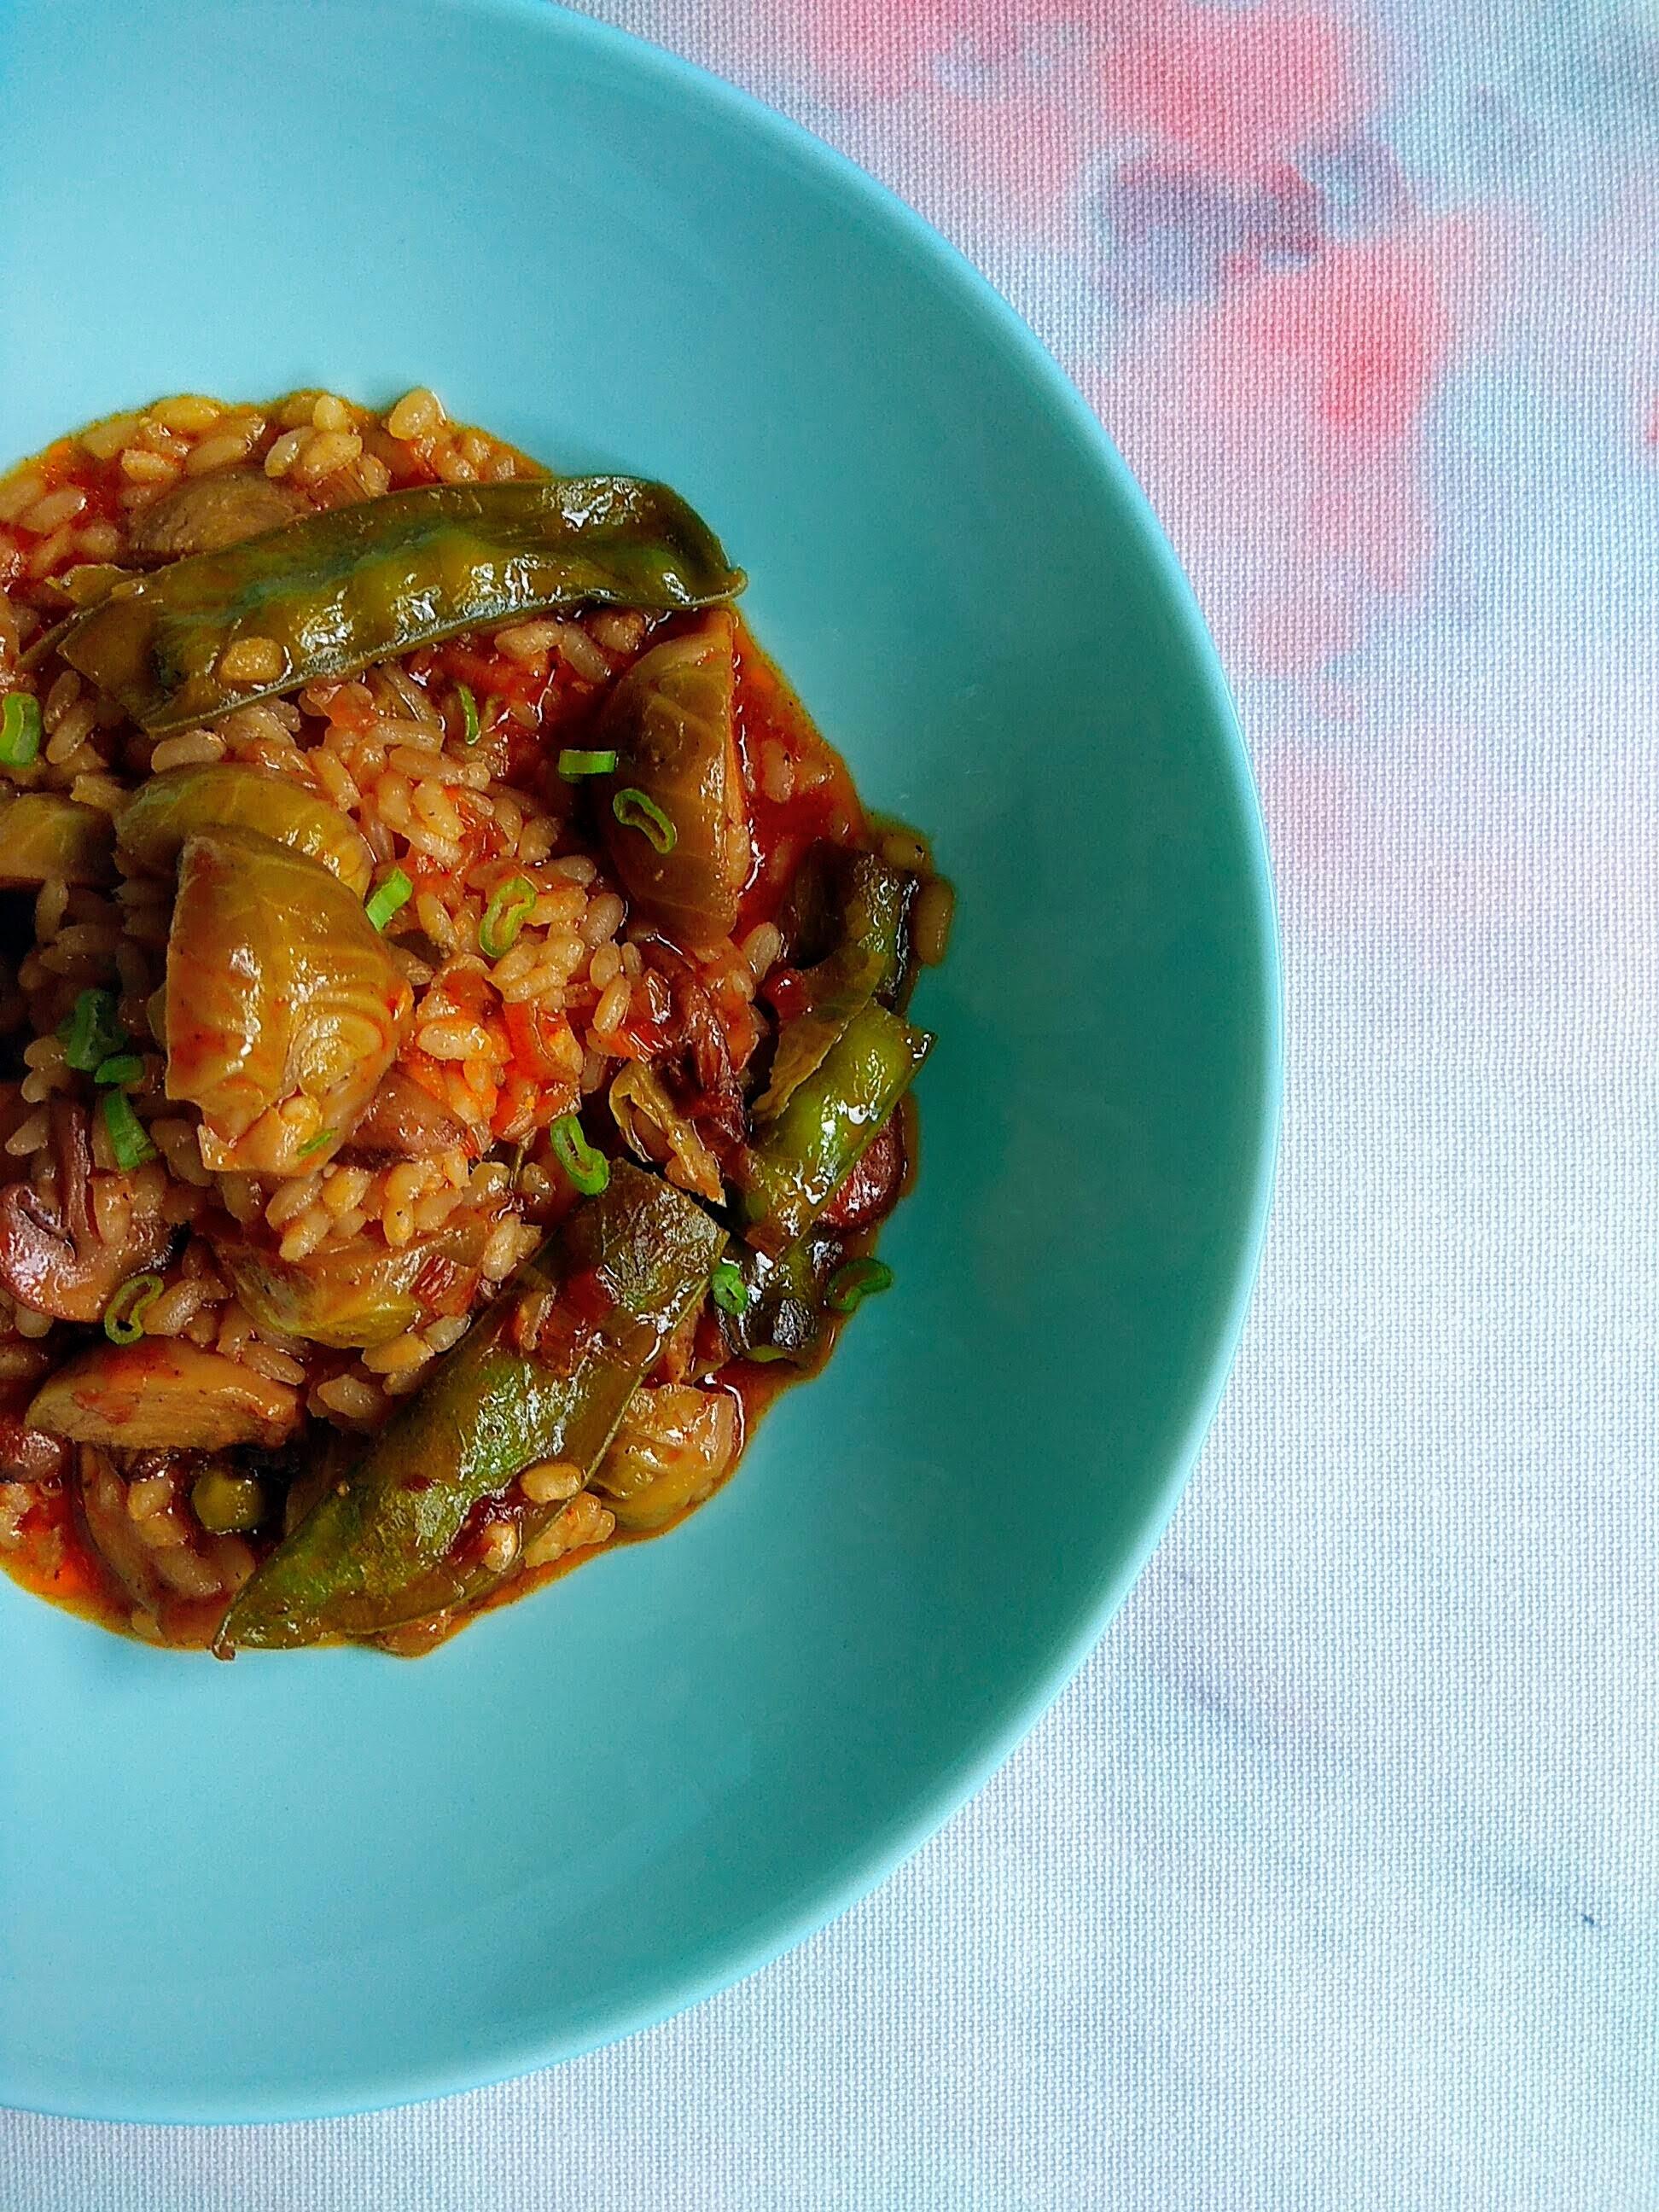 Receta de arroz con coles de bruselas, tirabeques y champiñones. Descúbrela en: www.cocinandoconlola.com